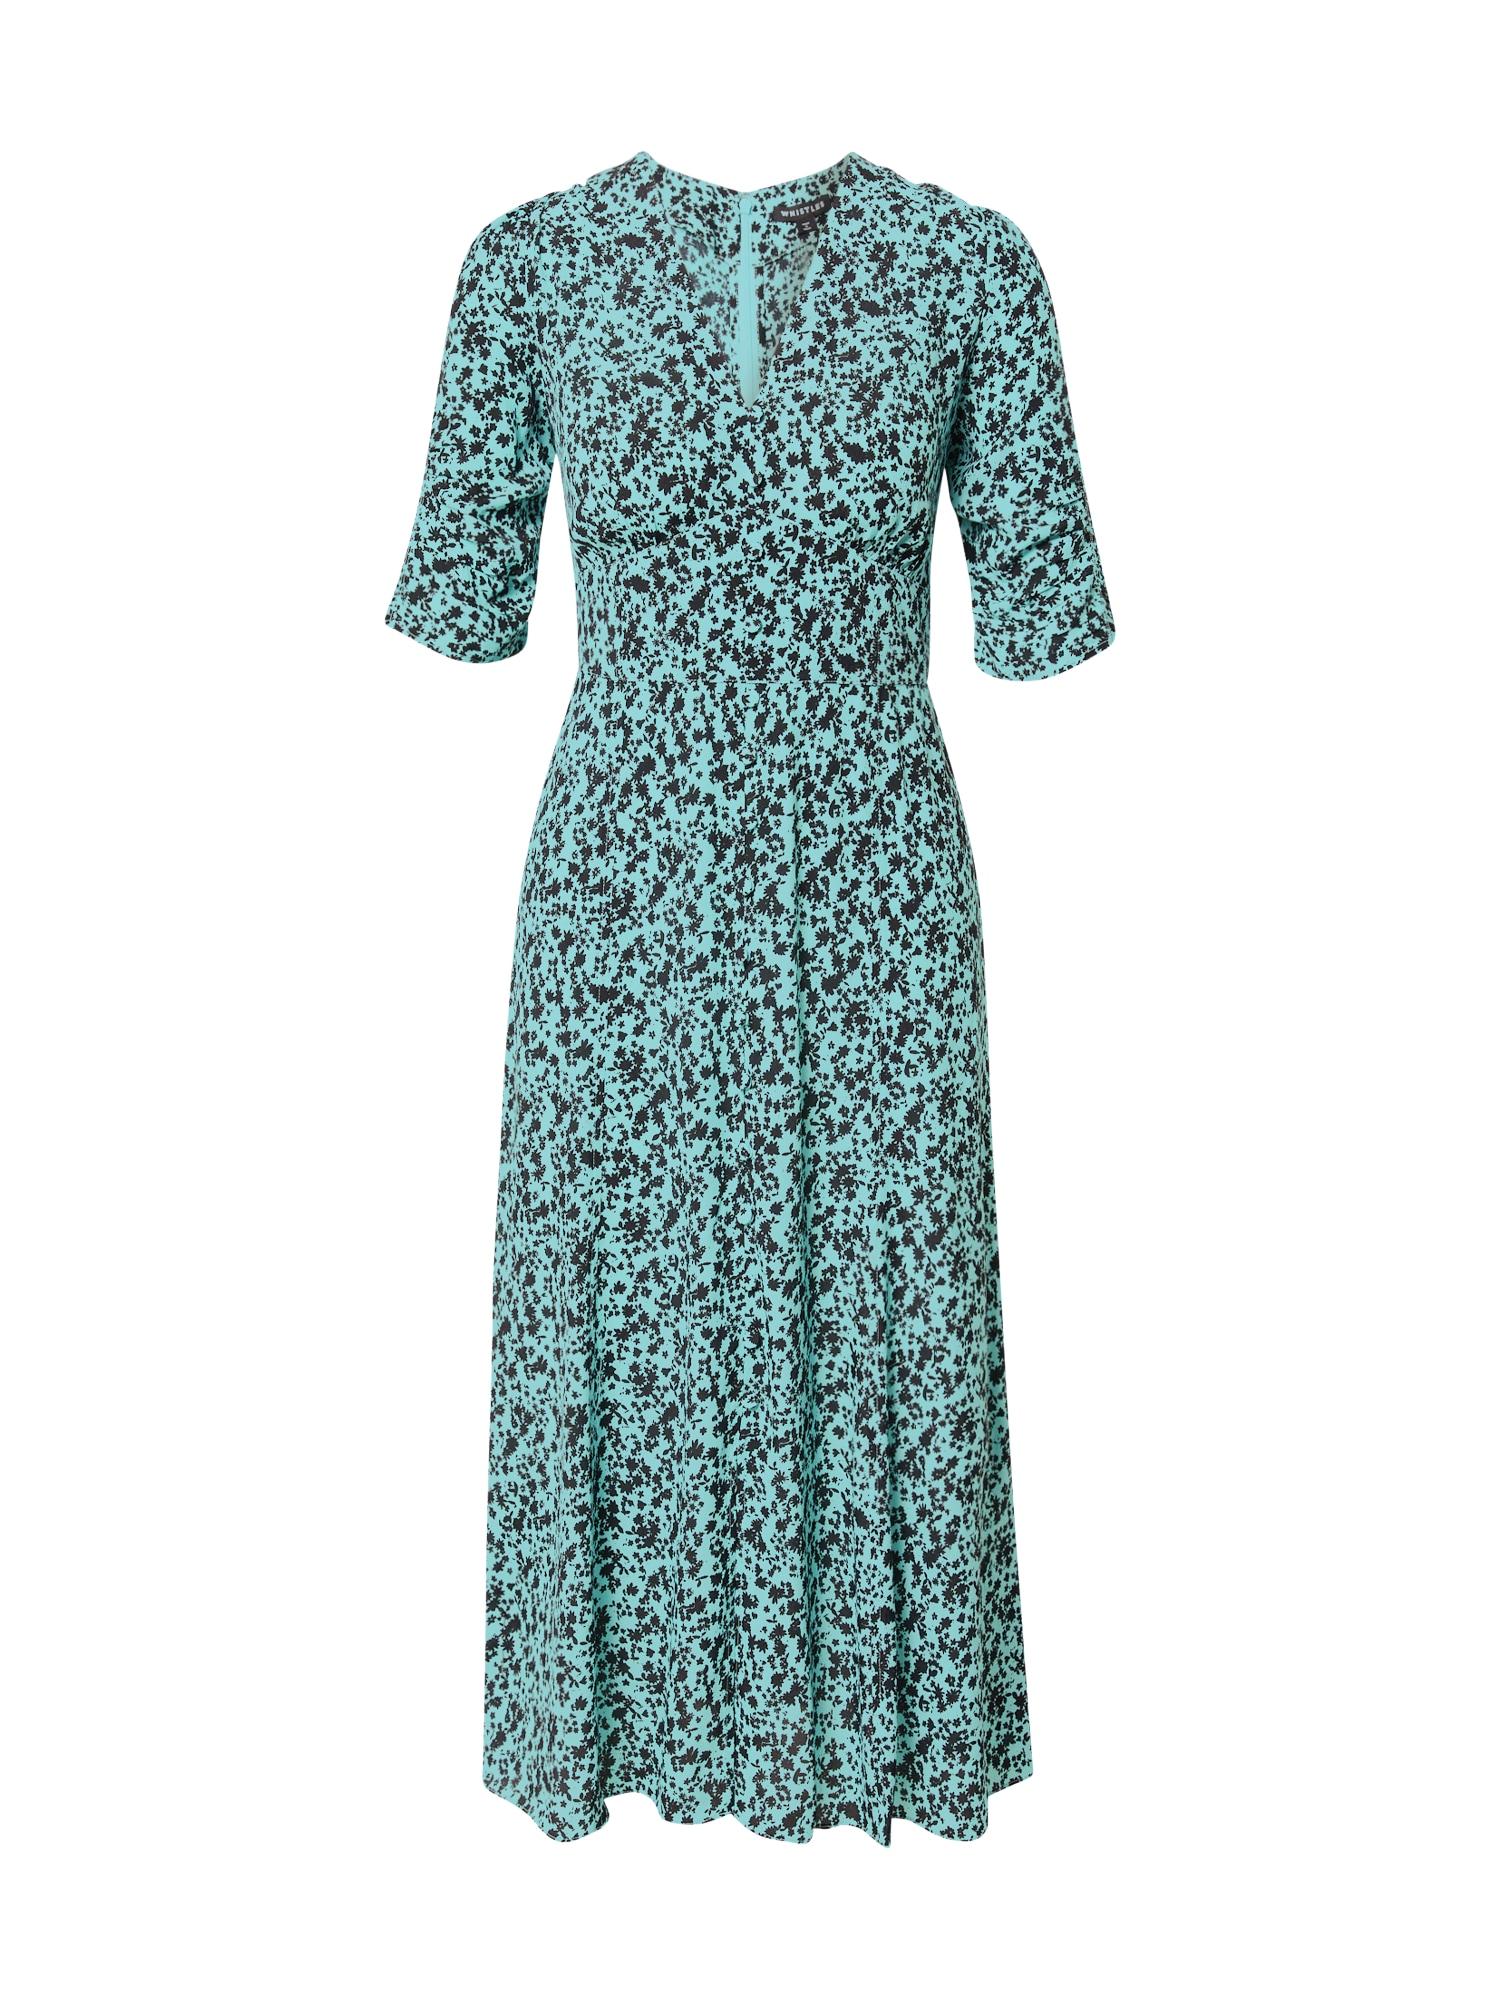 Whistles Palaidinės tipo suknelė nakties mėlyna / turkio spalva